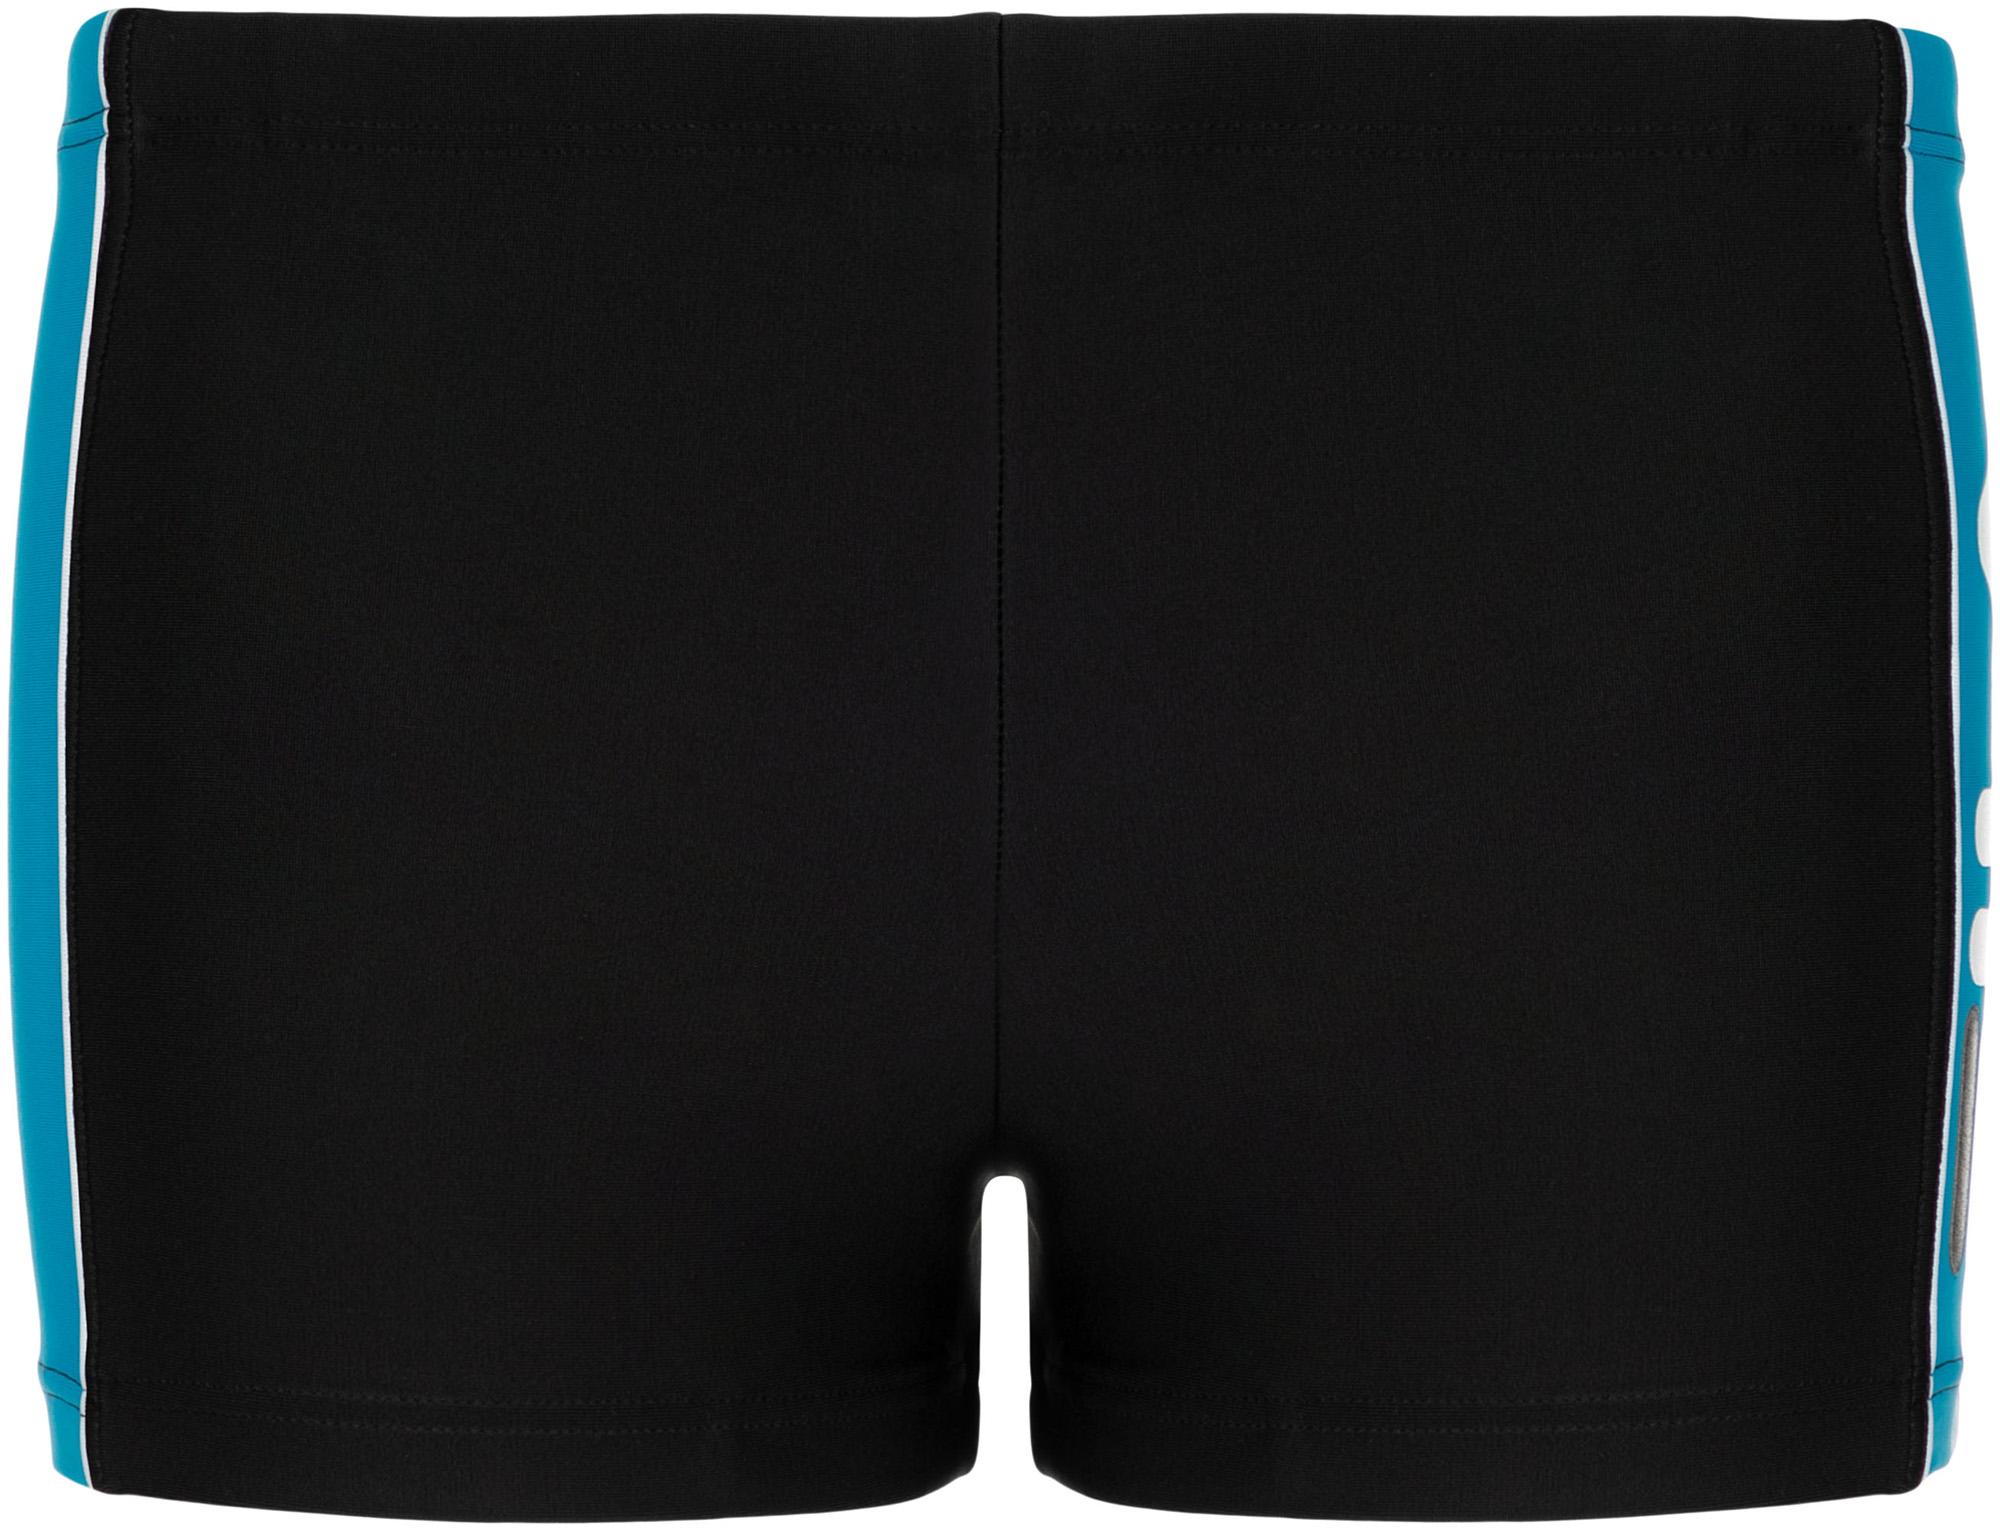 Фото - FILA Плавки-шорты для мальчиков FILA, размер 128 fila шорты плавательные для мальчиков fila размер 164